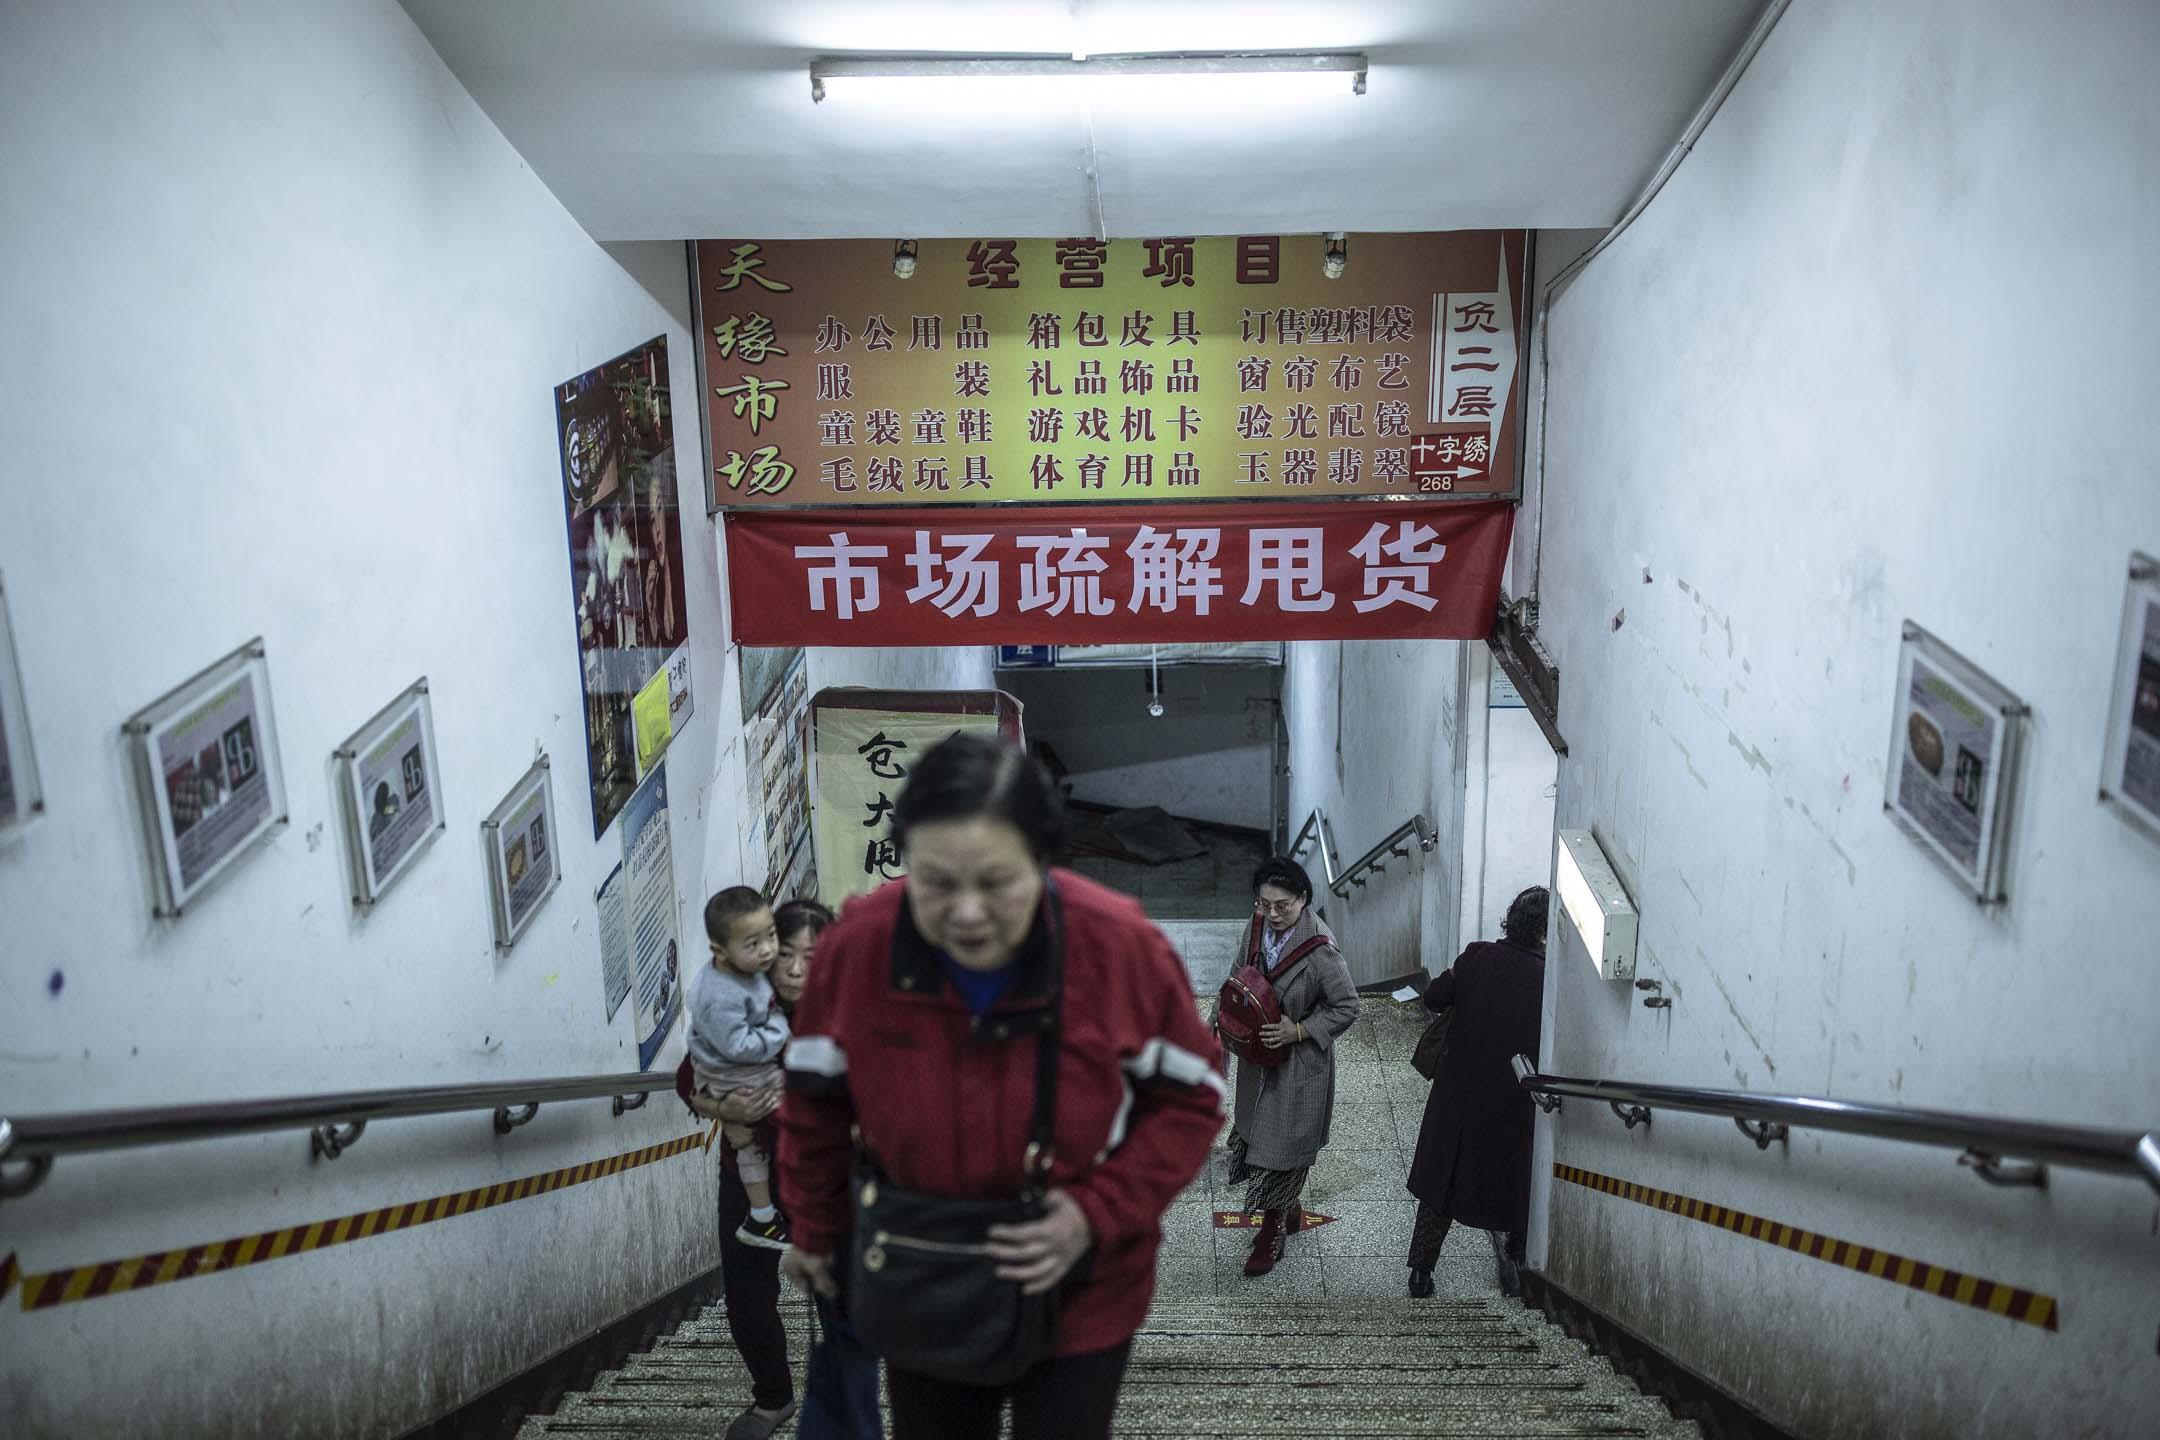 2018年10月31日下午四點,有20年歷史、佔地5000平方米、容納200多個商戶的天緣市場正式被關閉。 攝:尹夕遠/端傳媒